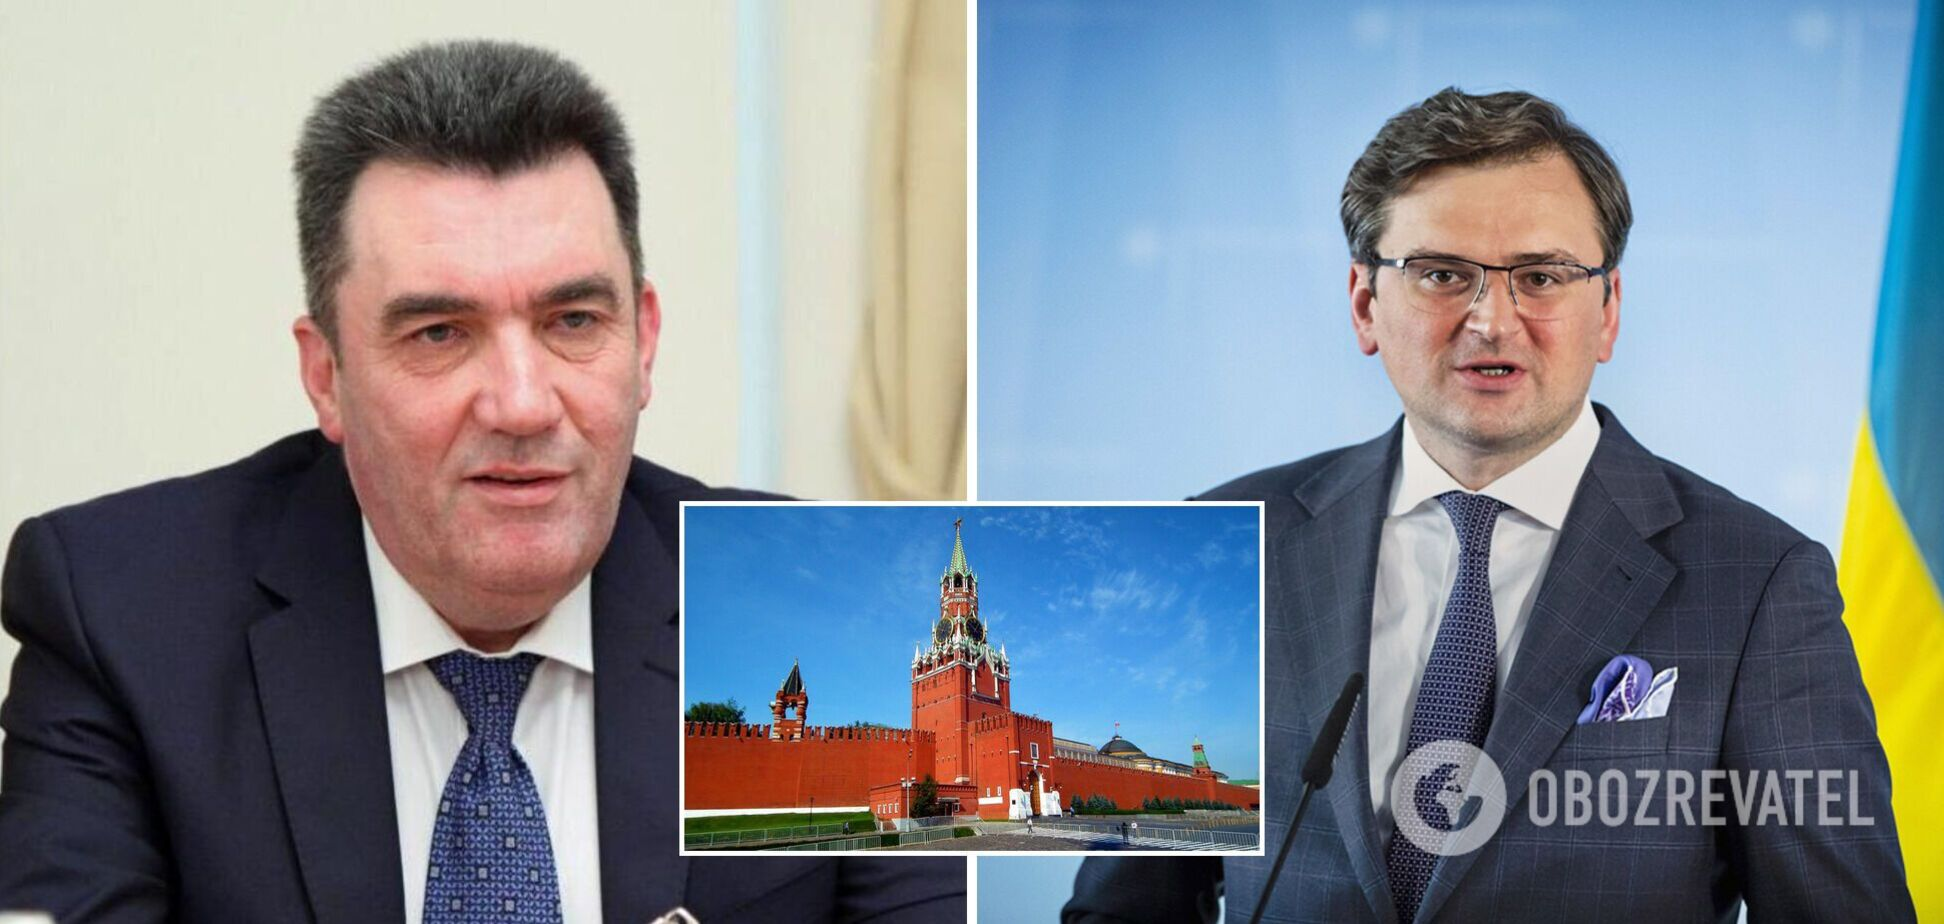 Десятки нардепов, политики и предприниматели: полный список украинцев-новичков из санкционного списка РФ